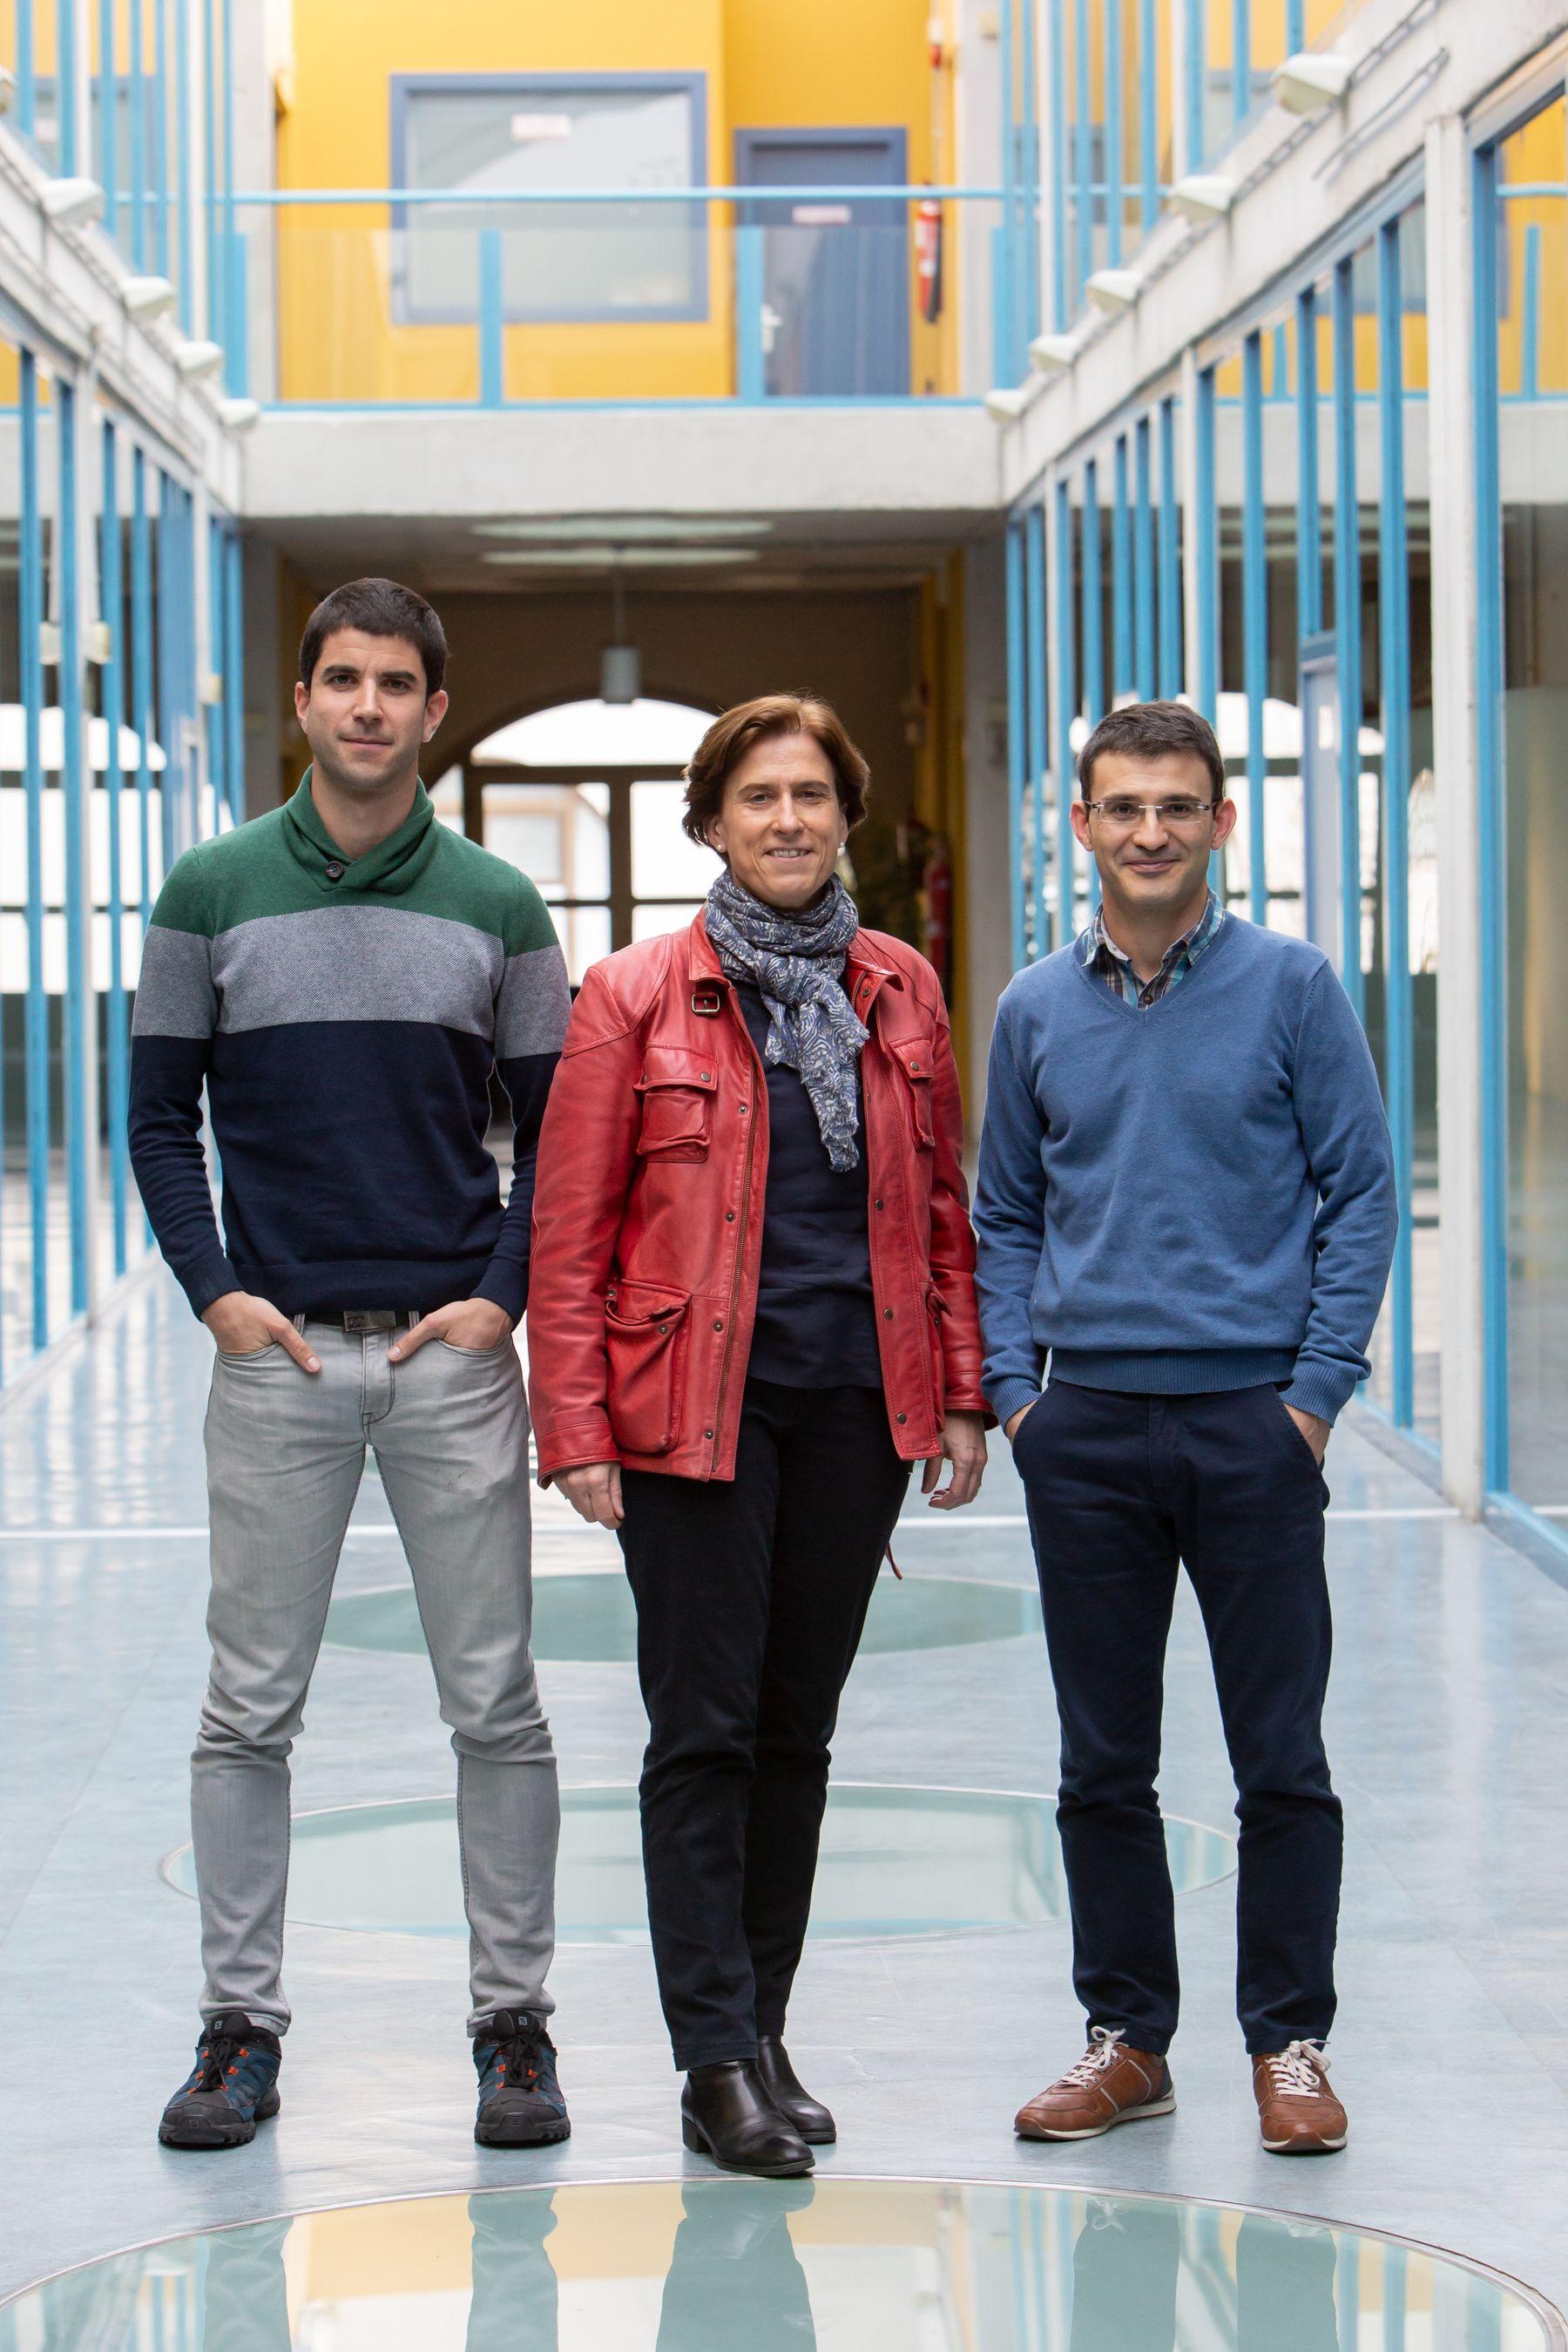 El grupo investigador creador de la aplicación. De izda. a dcha., Aritz Adin, Lola Ugarte y Tomás Goicoa.